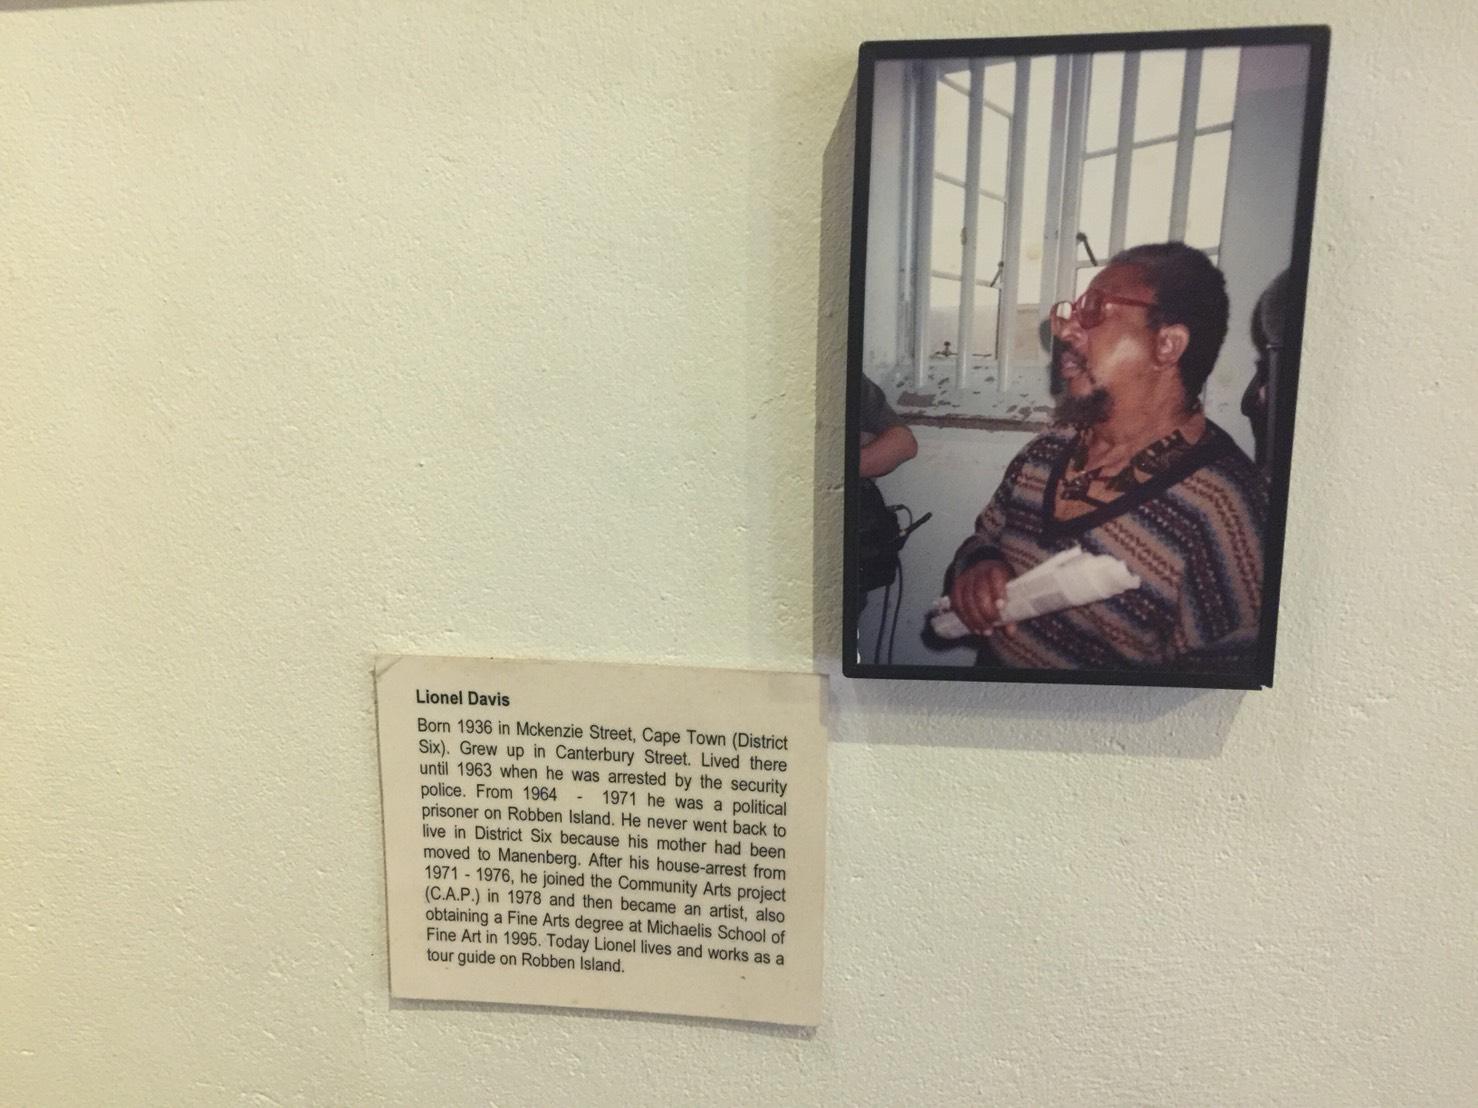 アパルトヘイト元被投獄者が語るその真実、我々はどう向き合うべきか。